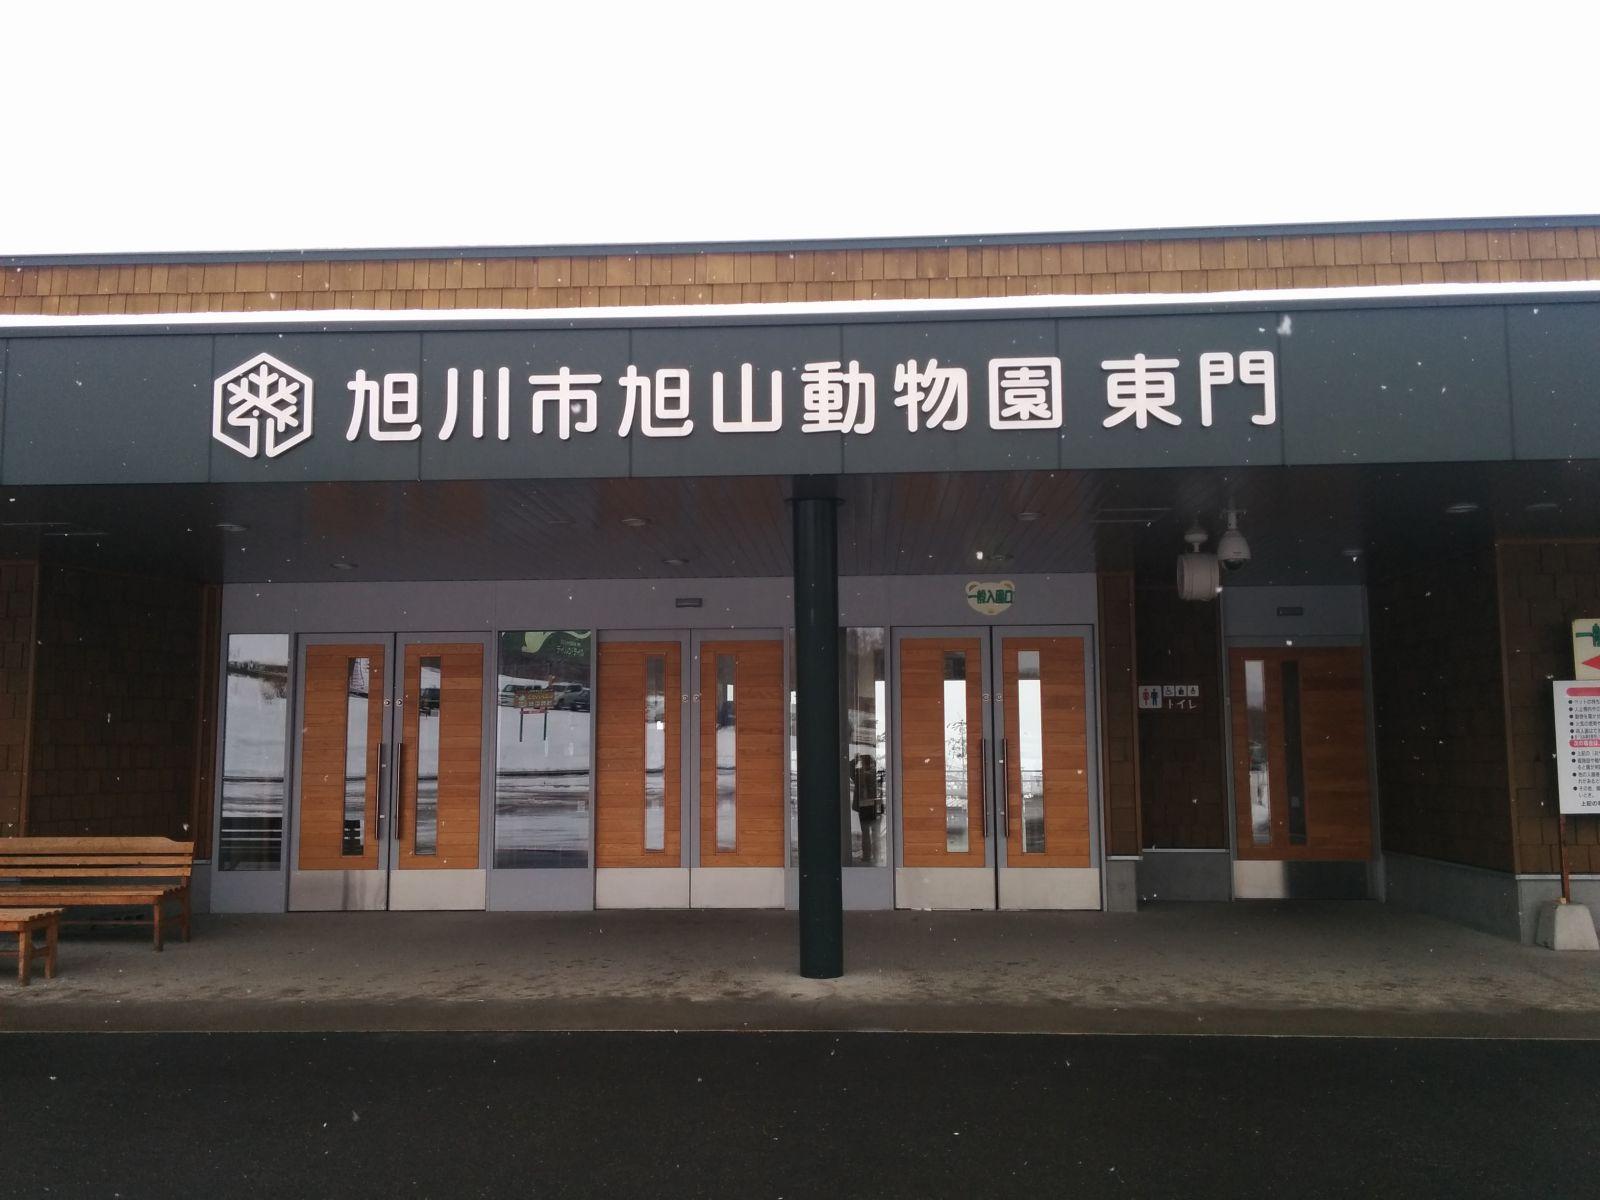 【旭川ジャンボタクシー】旭川市旭山動物園観光写真です。